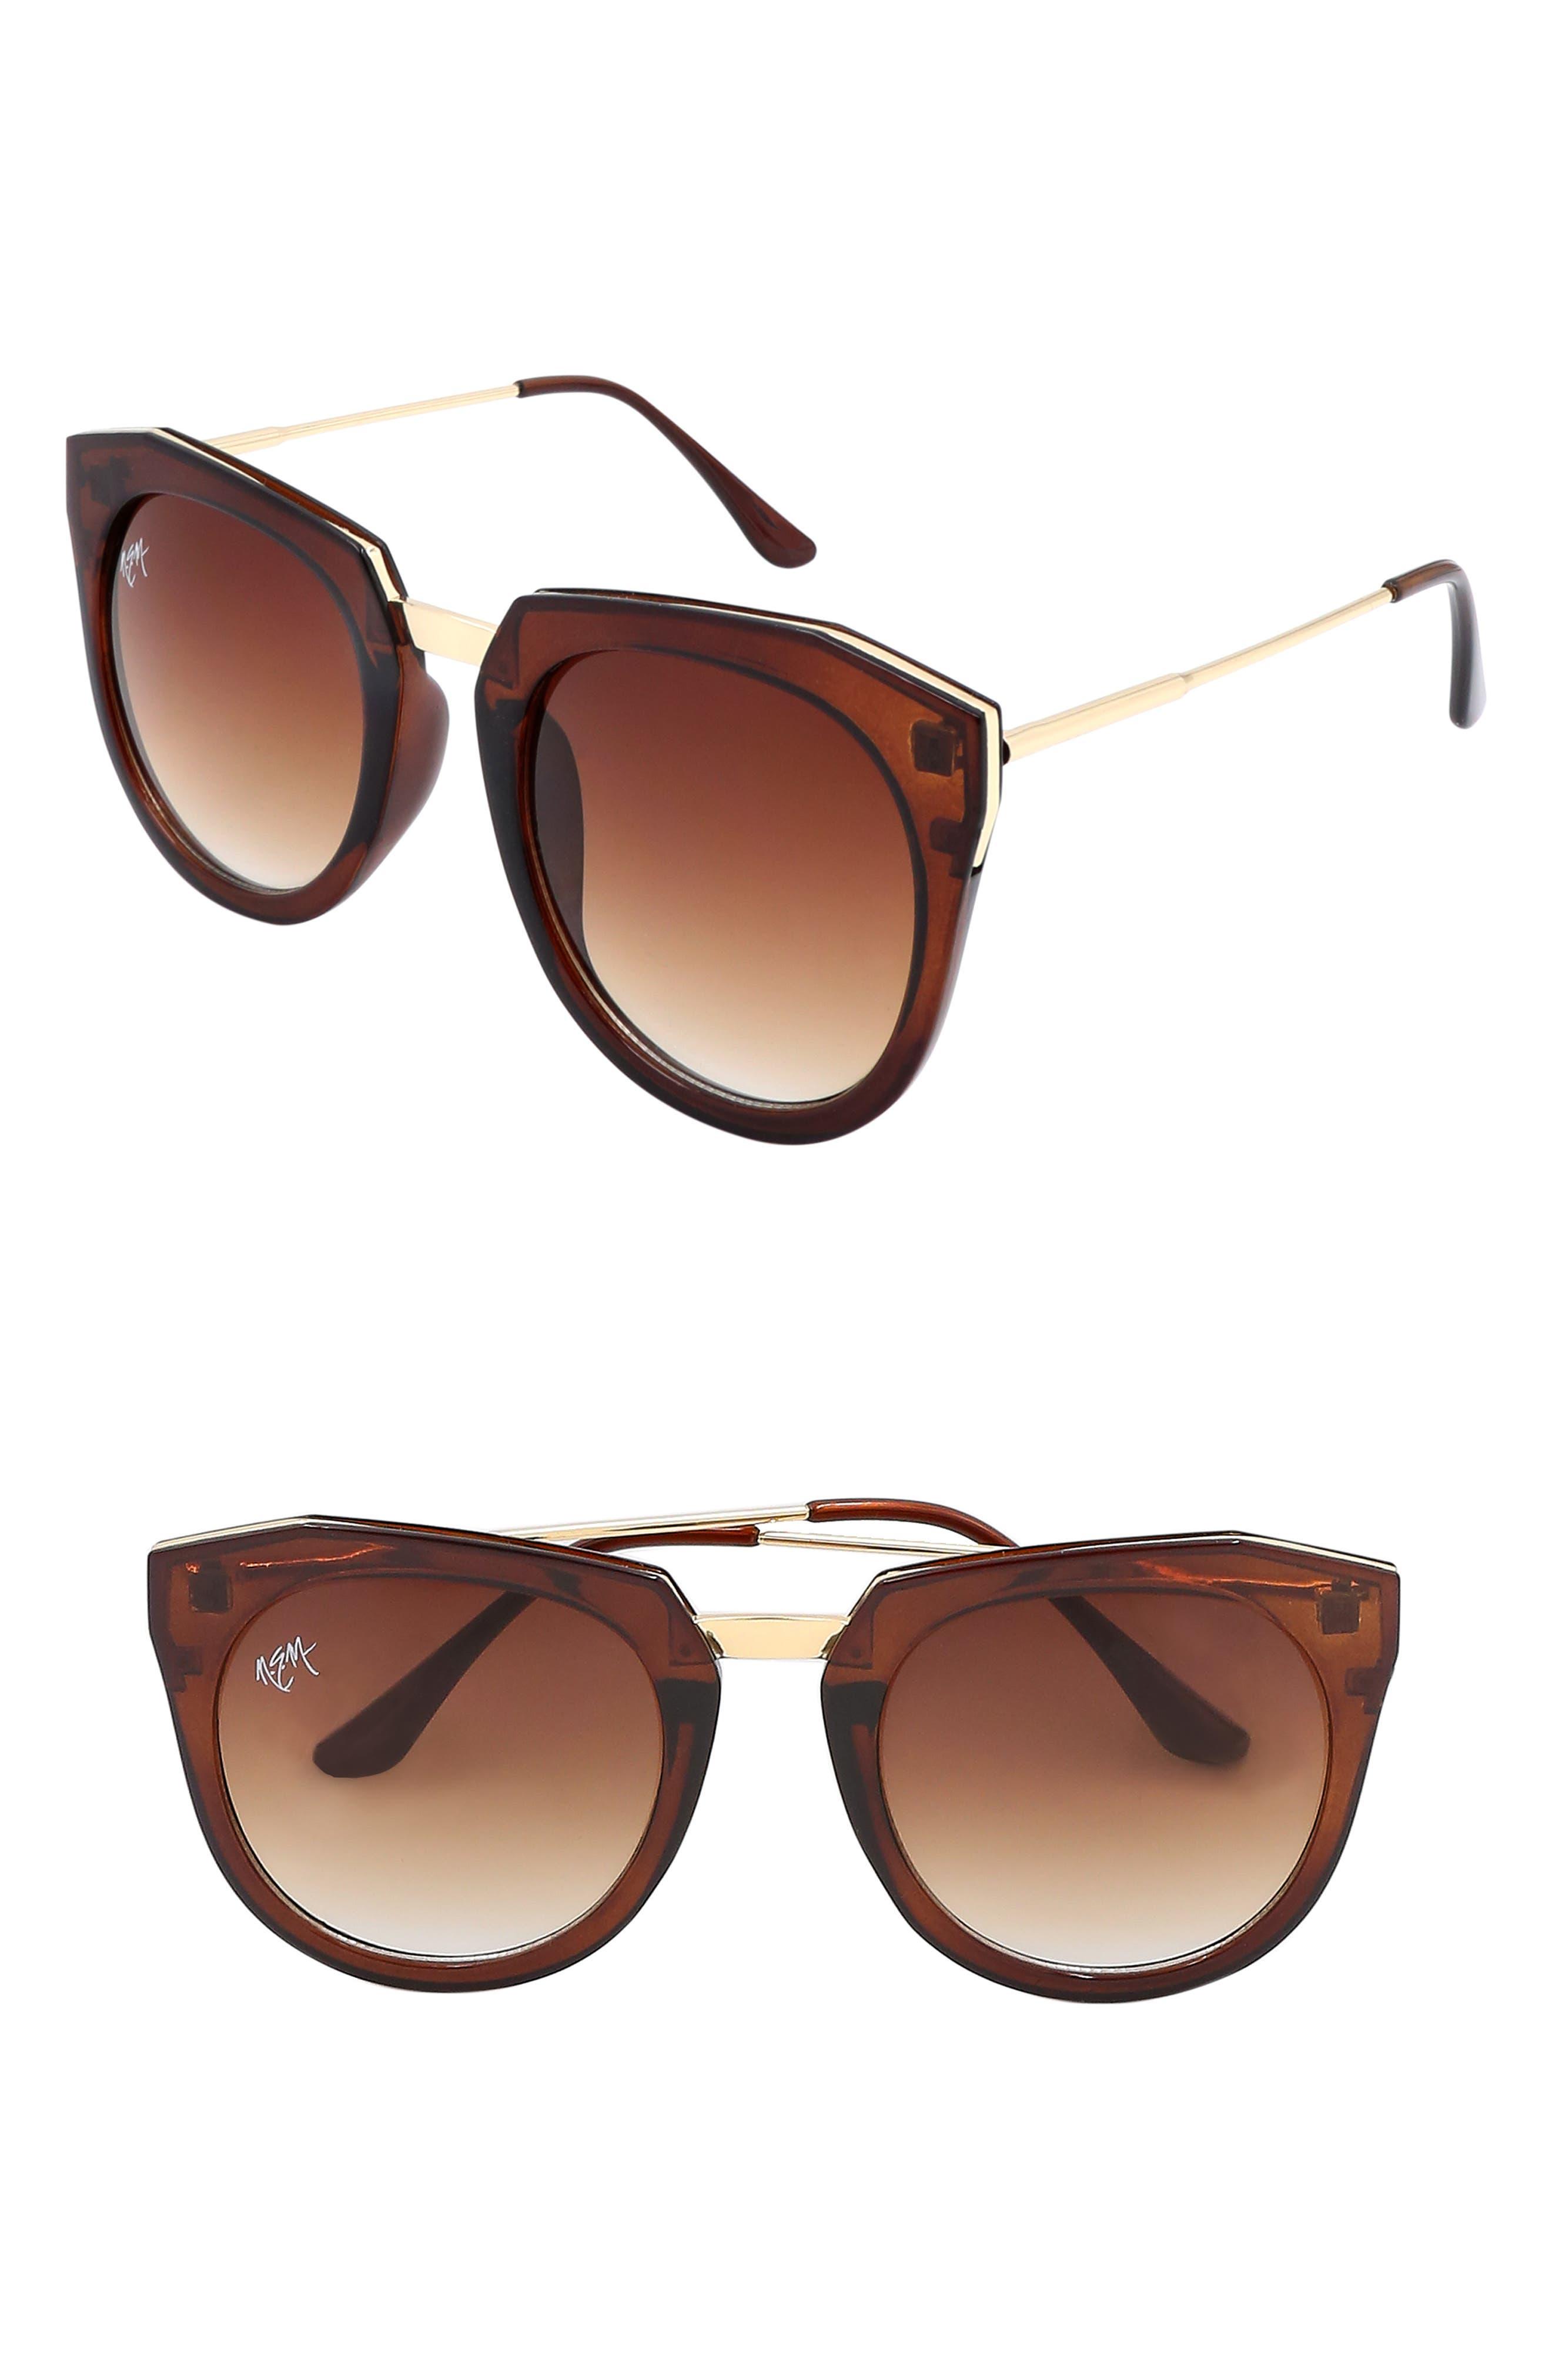 Nem Haute Line 55Mm Angular Sunglasses - Tortoise W Amber Lens